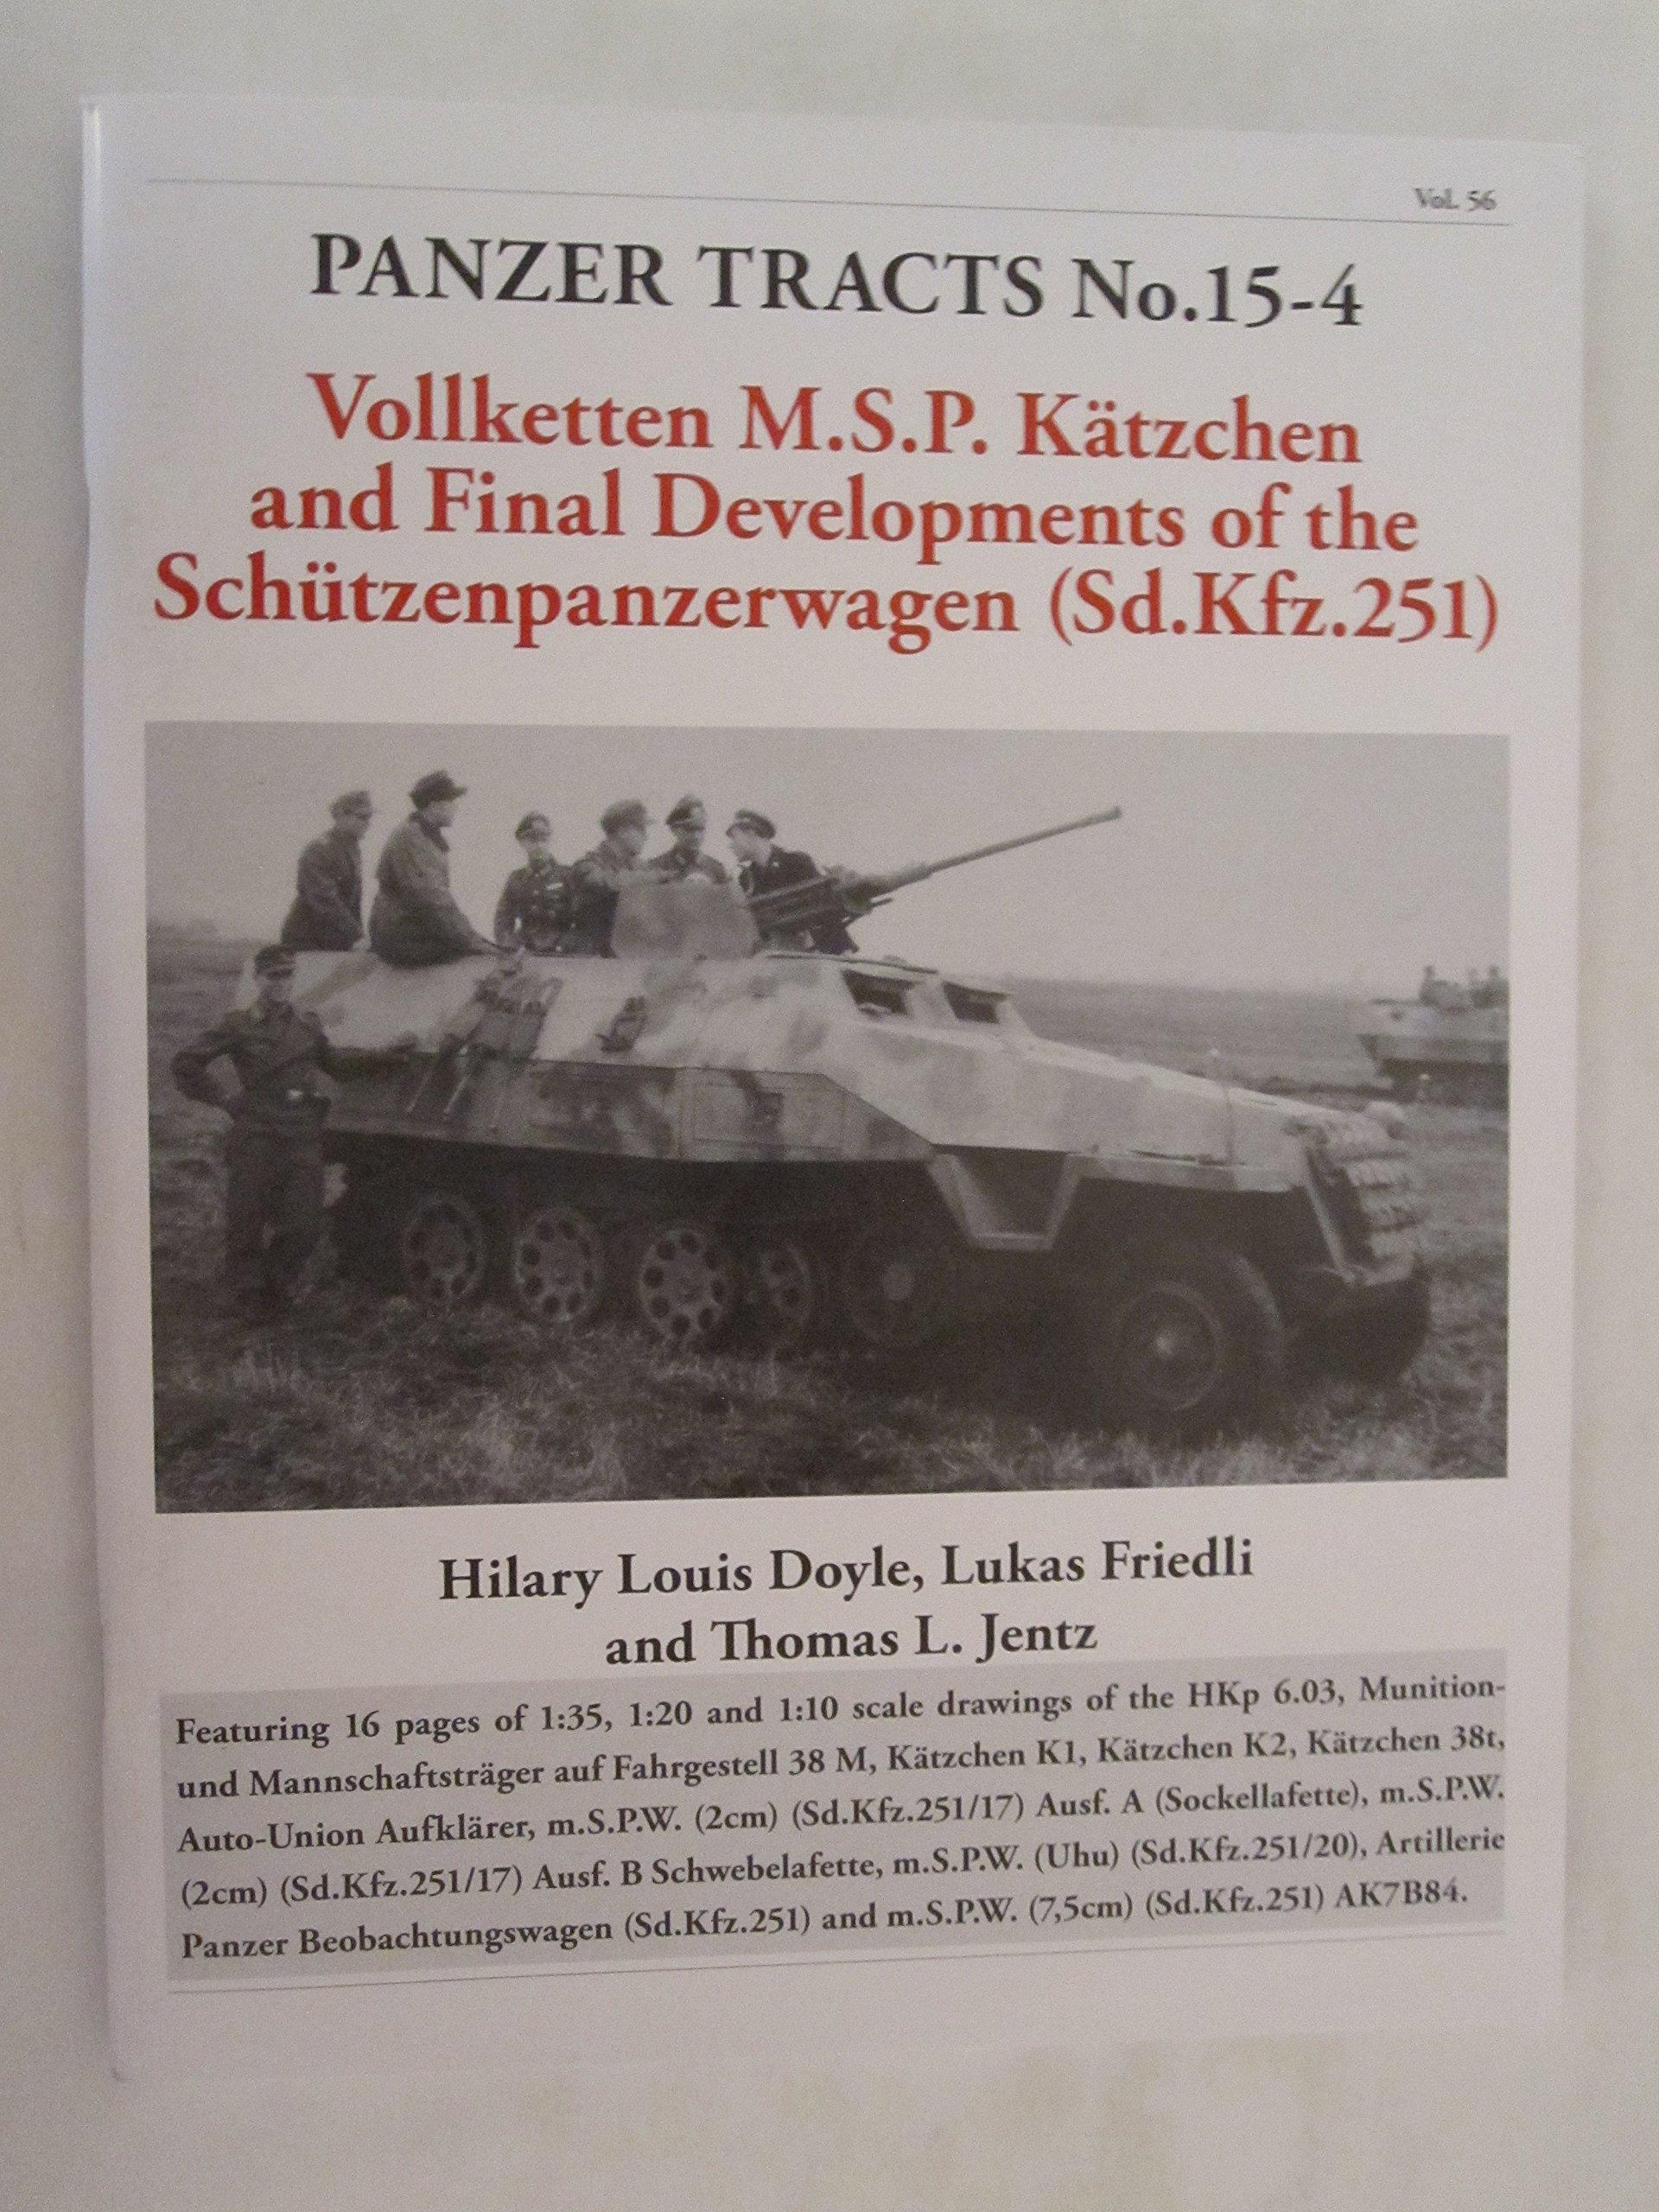 Download Panzer Tracts No.15-4. Final Developments of the Schützenpanzer Sd.Kfz.251 to Vollketten M.S.P. Kätchen PDF